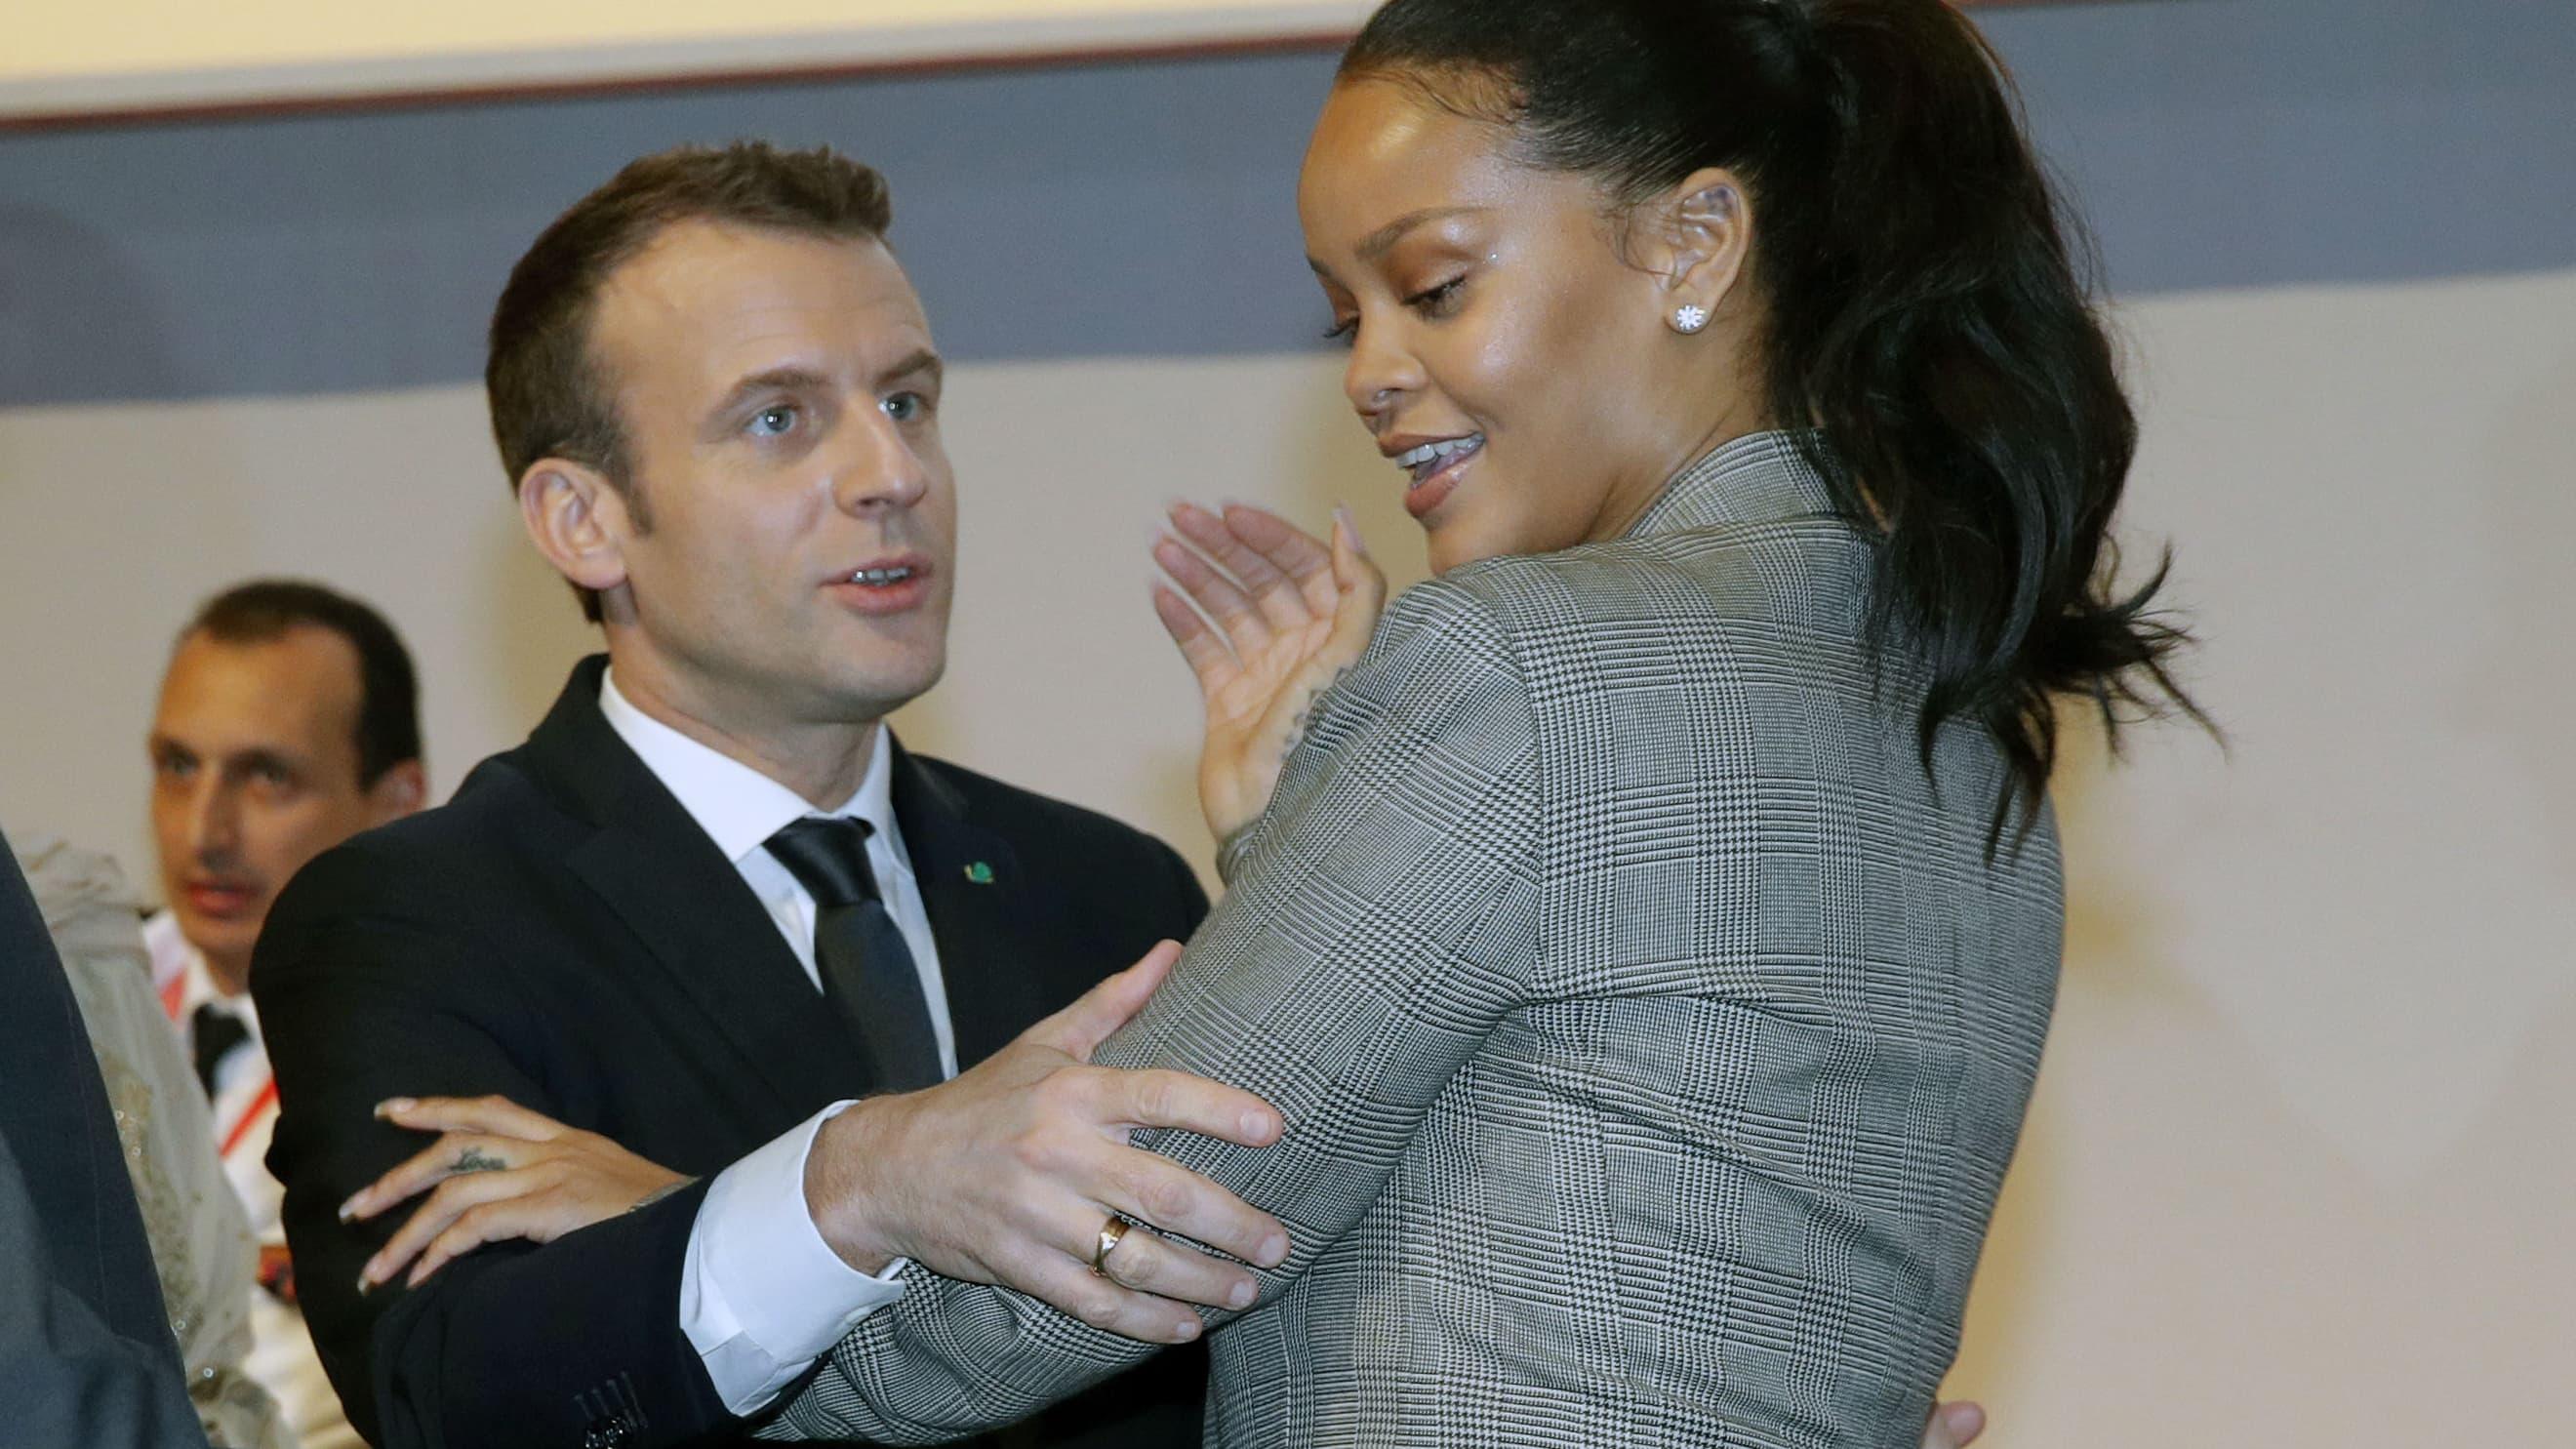 Emmanuel Macron Et Rihanna Se Retrouvent A Dakar Pour Parler D Education